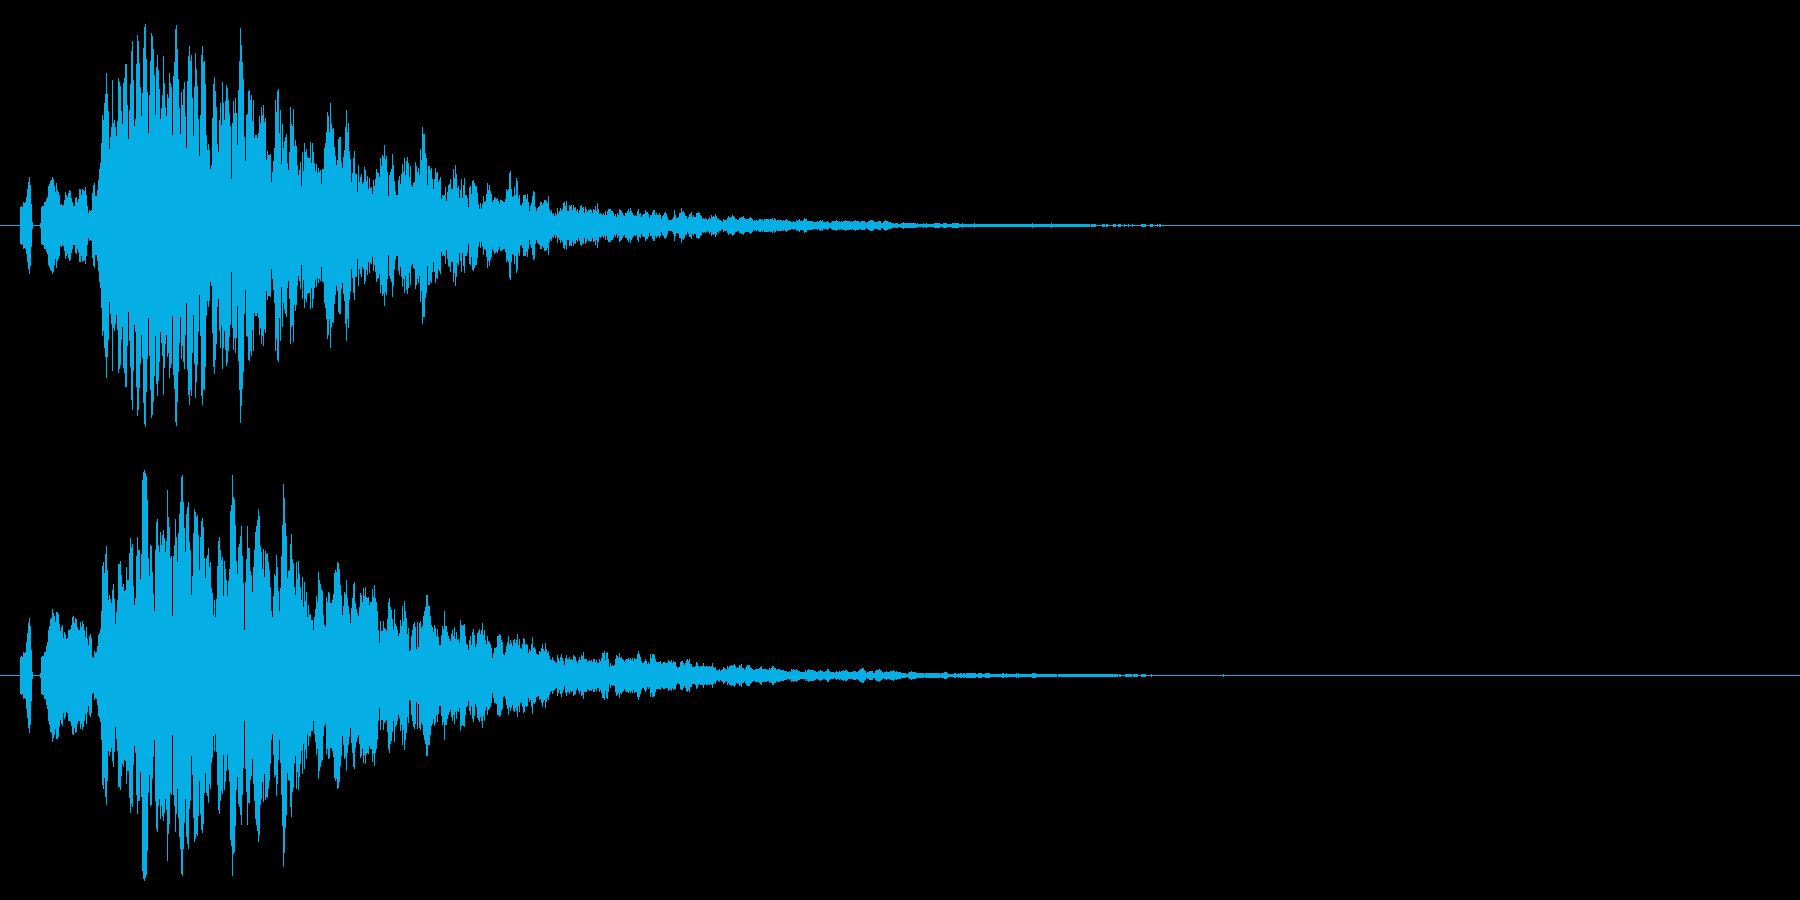 シンプルな注意、警告音、警報の効果音01の再生済みの波形